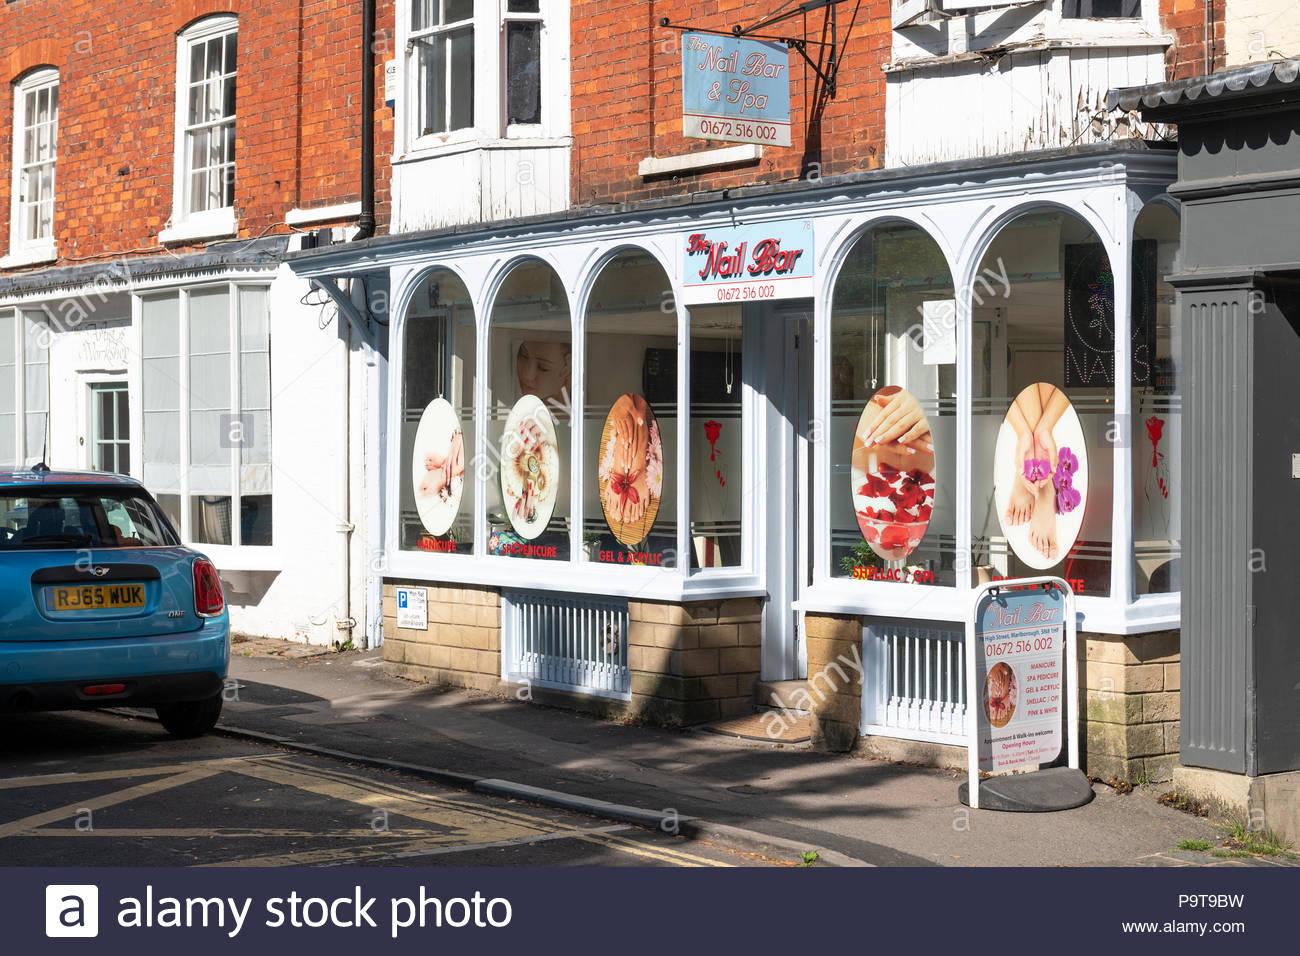 Nail Bar Stock Photos & Nail Bar Stock Images - Alamy